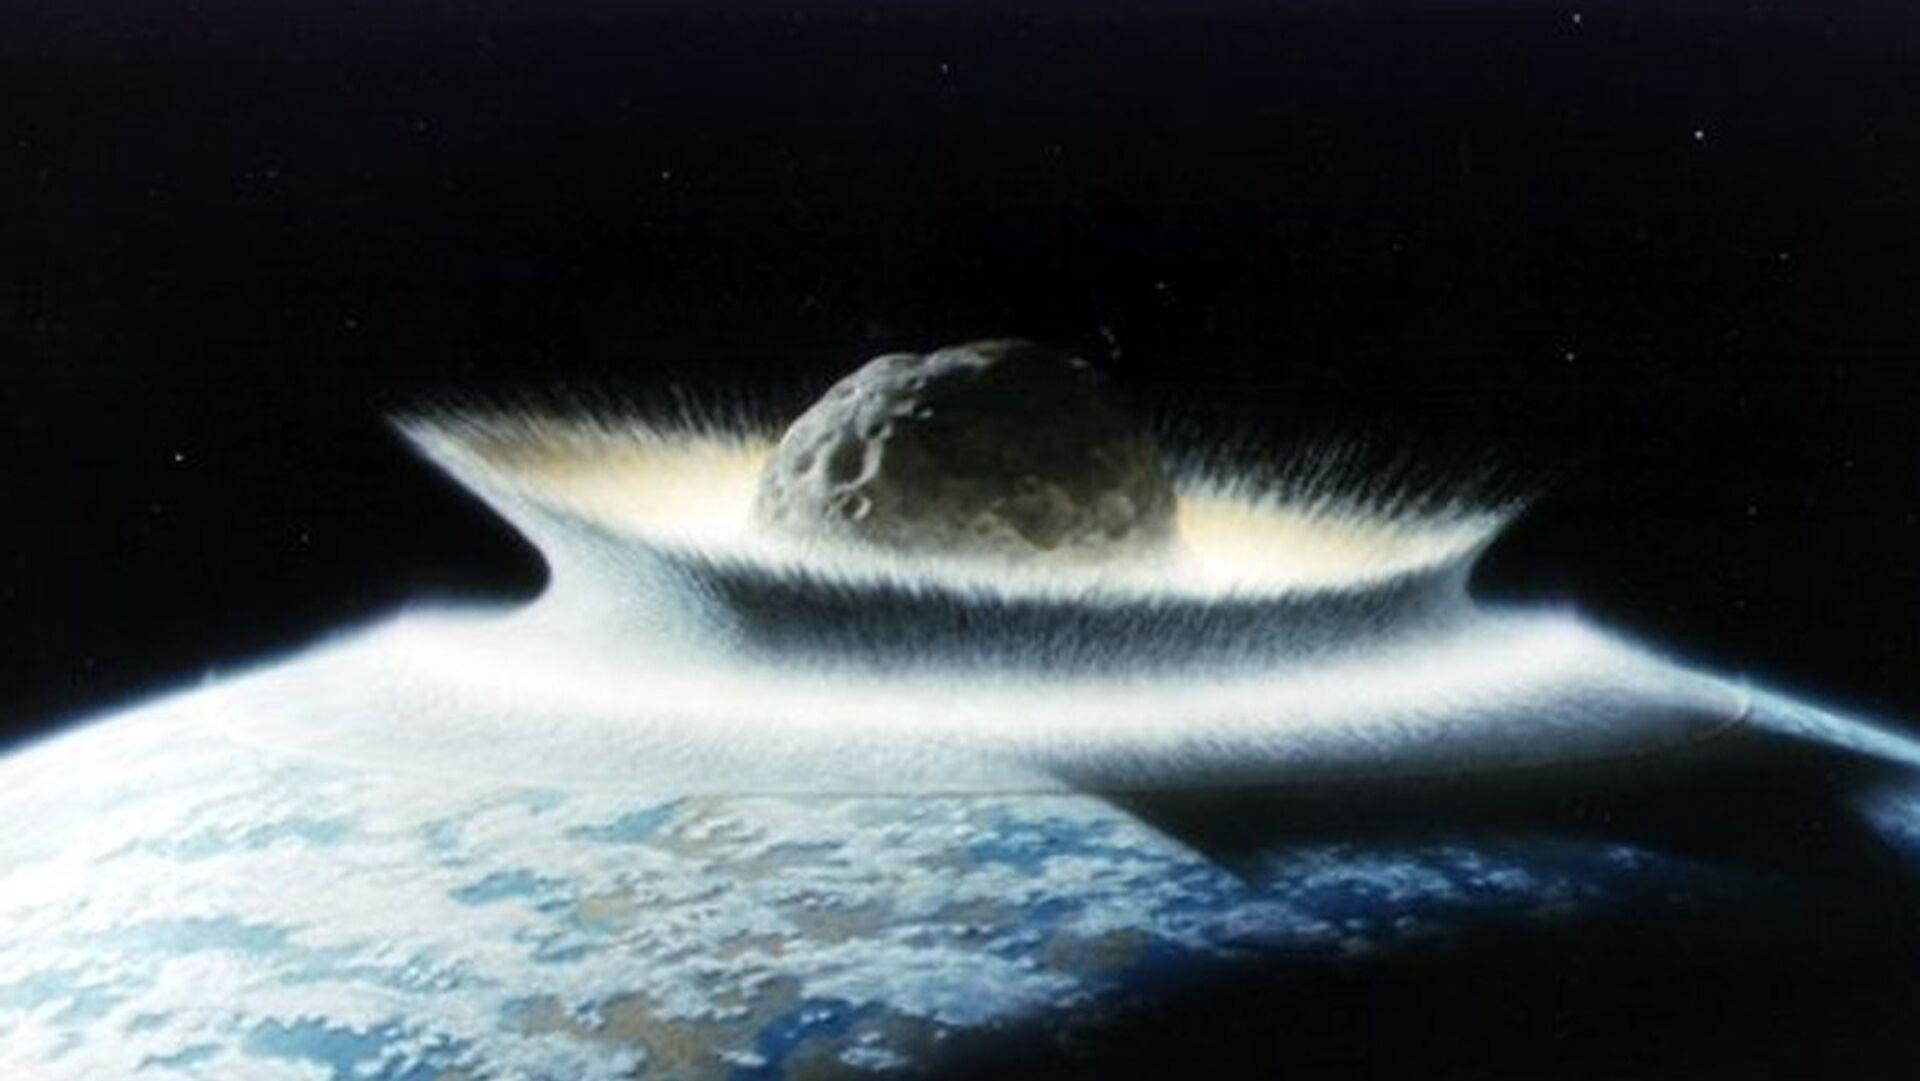 Asteroide che ha ucciso i dinosauri - Sputnik Italia, 1920, 16.08.2021